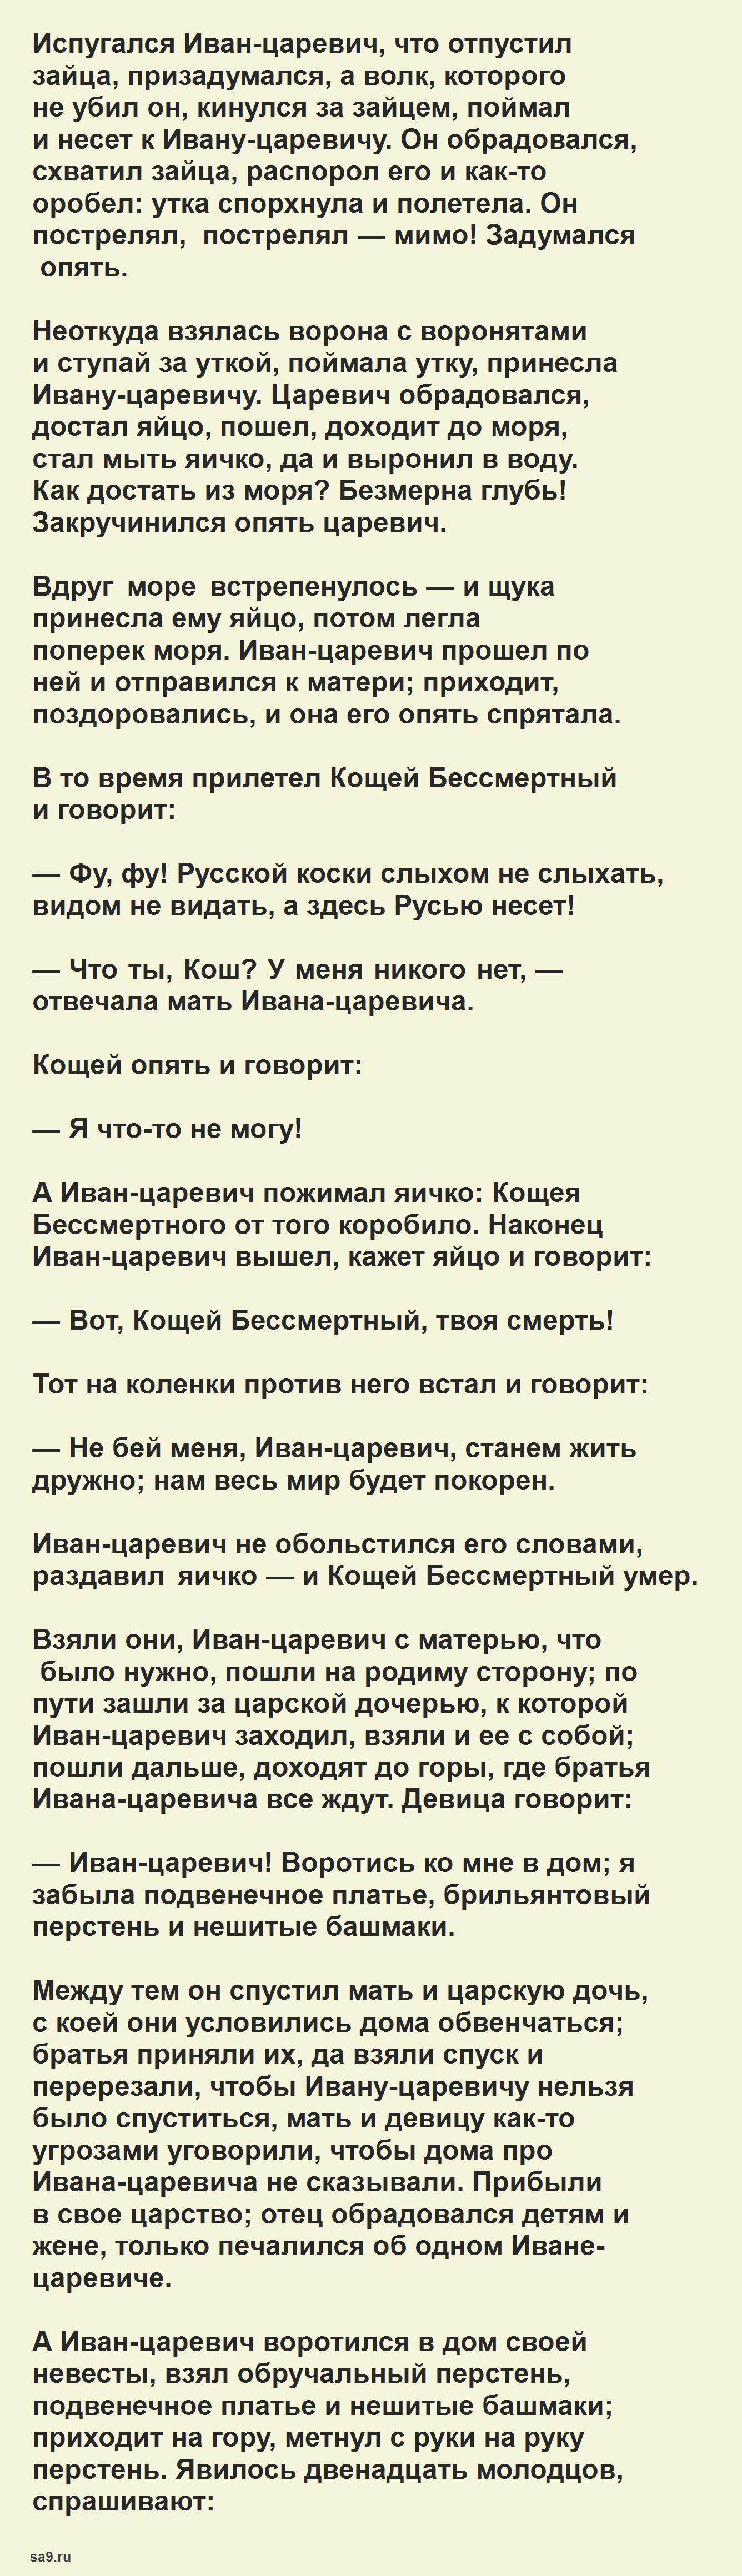 Кощей Бессмертный - русская народная сказка, читать полностью